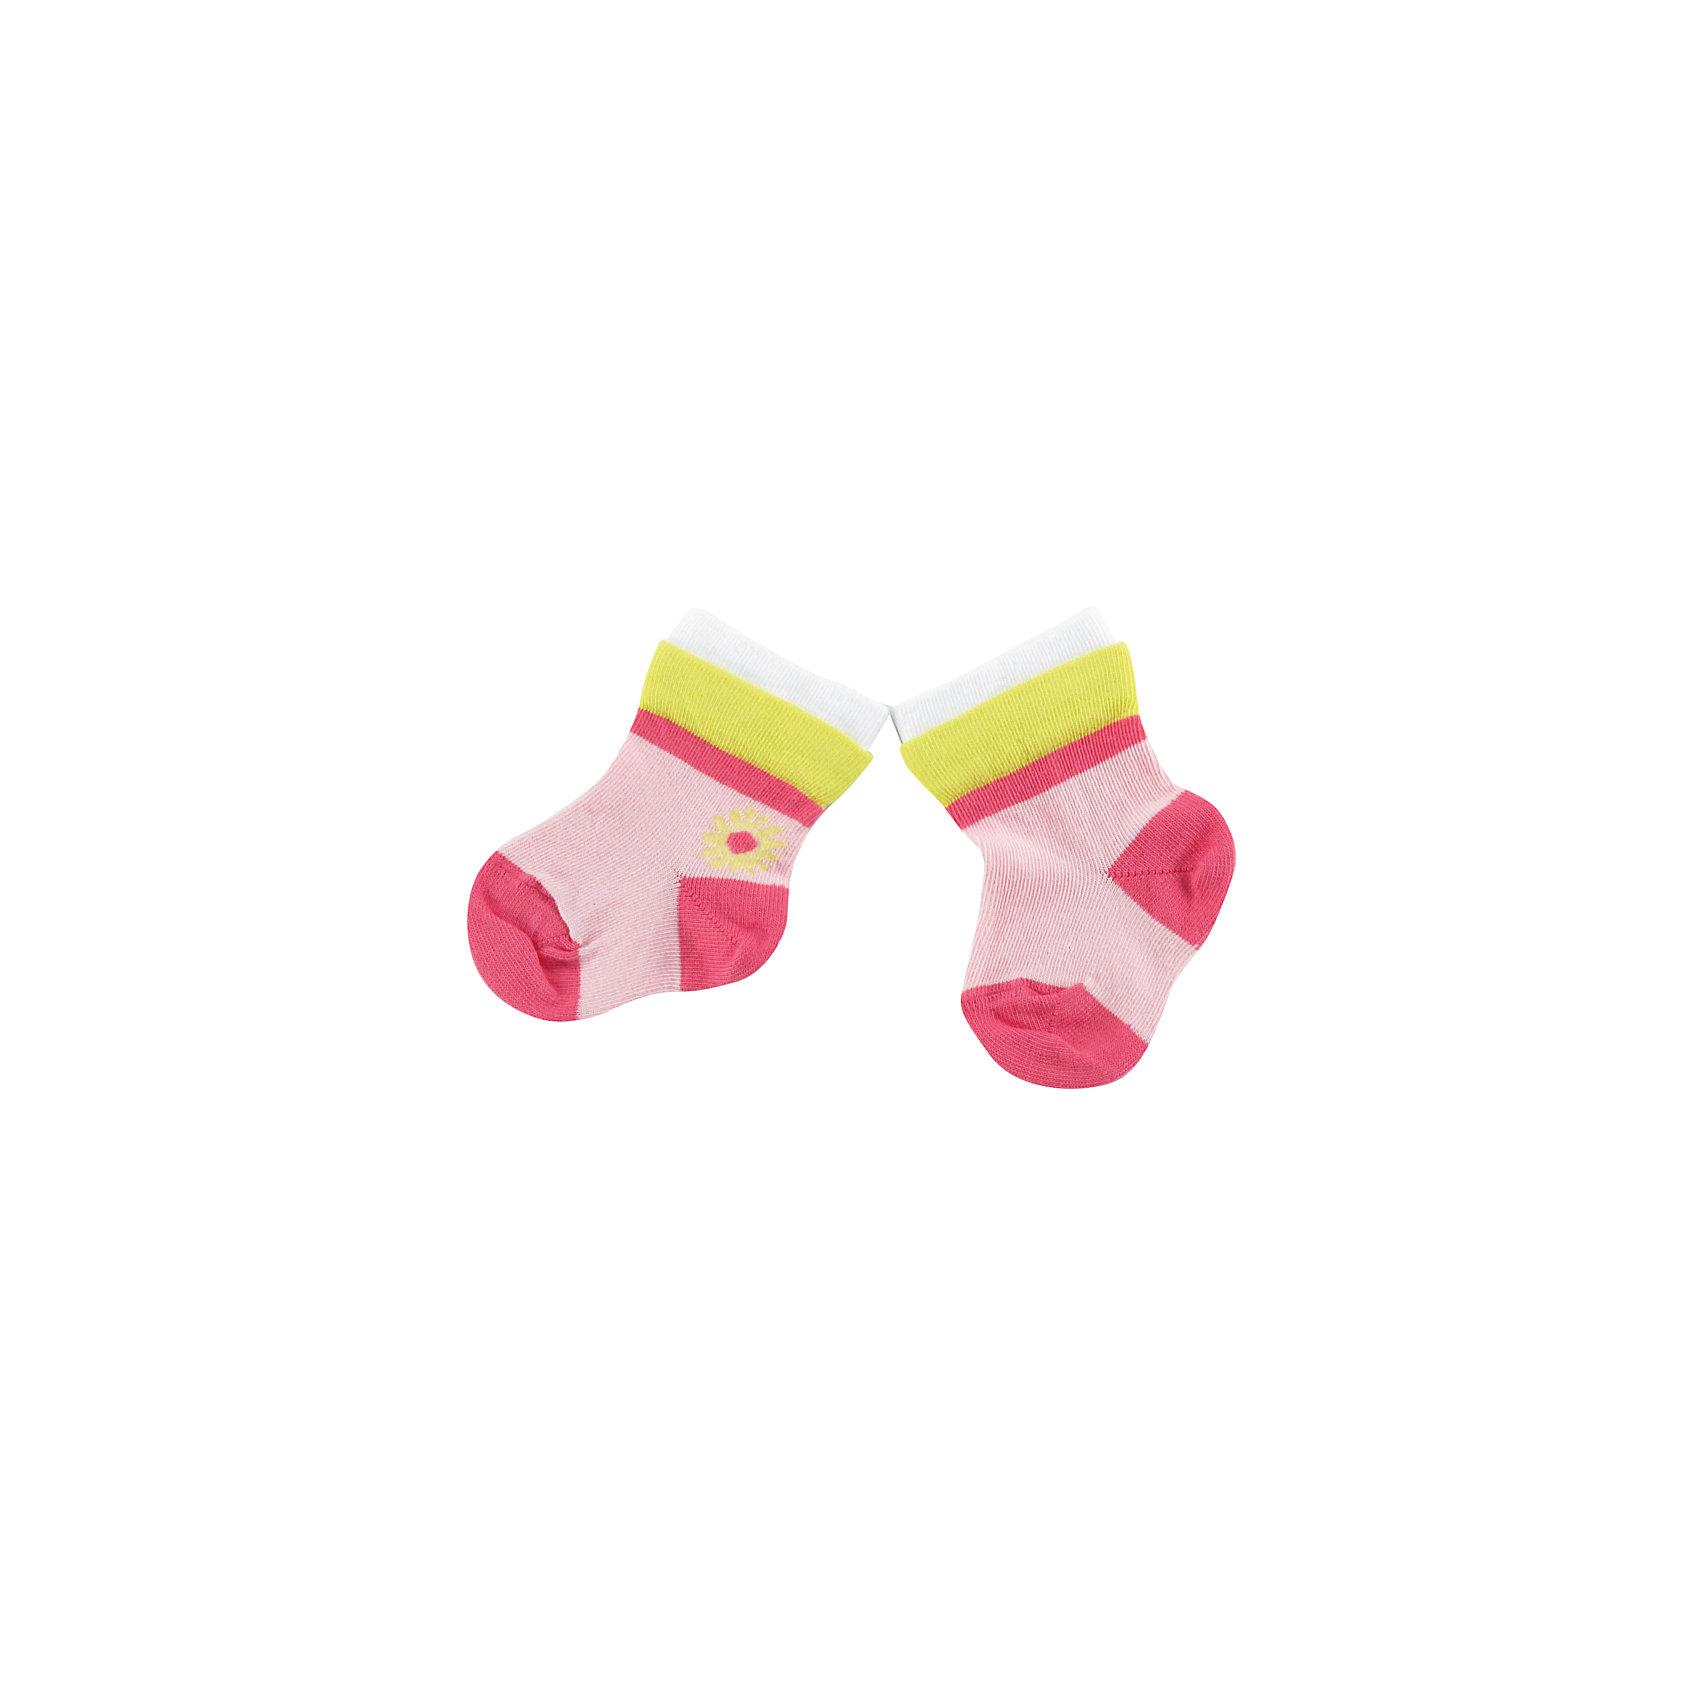 Носки для девочки WojcikНоски<br>Характеристики товара:<br><br>• цвет: розовый<br>• состав ткани: хлопок 93%, полиамид 5%, эластан 2%<br>• сезон: круглый год<br>• страна бренда: Польша<br>• страна изготовитель: Польша<br><br>Розовые носки для девочки Wojcik обеспечат ребенку комфорт. Они сделаны преимущественно из натурального хлопка, он позволяет коже дышать и обеспечивает комфорт. <br><br>Детские носки не давят на ногу благодаря мягкой резинке. Польская одежда для детей от бренда Войчик - это качественные и стильные вещи.<br><br>Носки для девочки Wojcik (Войчик) можно купить в нашем интернет-магазине.<br><br>Ширина мм: 87<br>Глубина мм: 10<br>Высота мм: 105<br>Вес г: 115<br>Цвет: розовый<br>Возраст от месяцев: 0<br>Возраст до месяцев: 3<br>Пол: Женский<br>Возраст: Детский<br>Размер: 15/16,16/17,18/19<br>SKU: 5588274